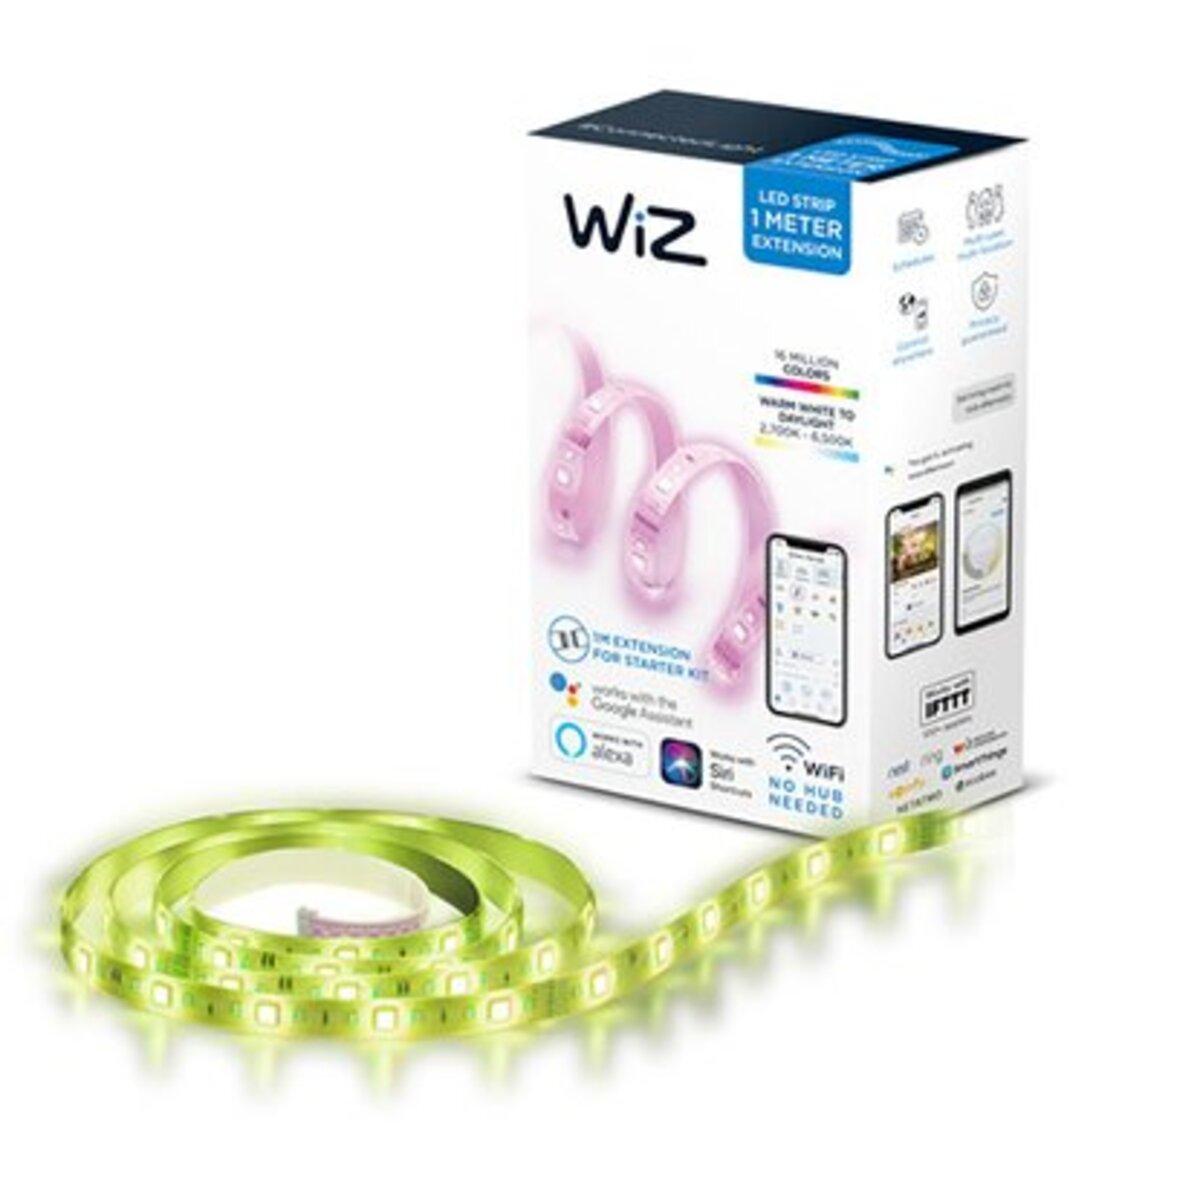 Bild 1 von WiZ Smart LED-Strip Wifi Verlängerung Licht- & Farbwechsel RGBW 13W 1 m